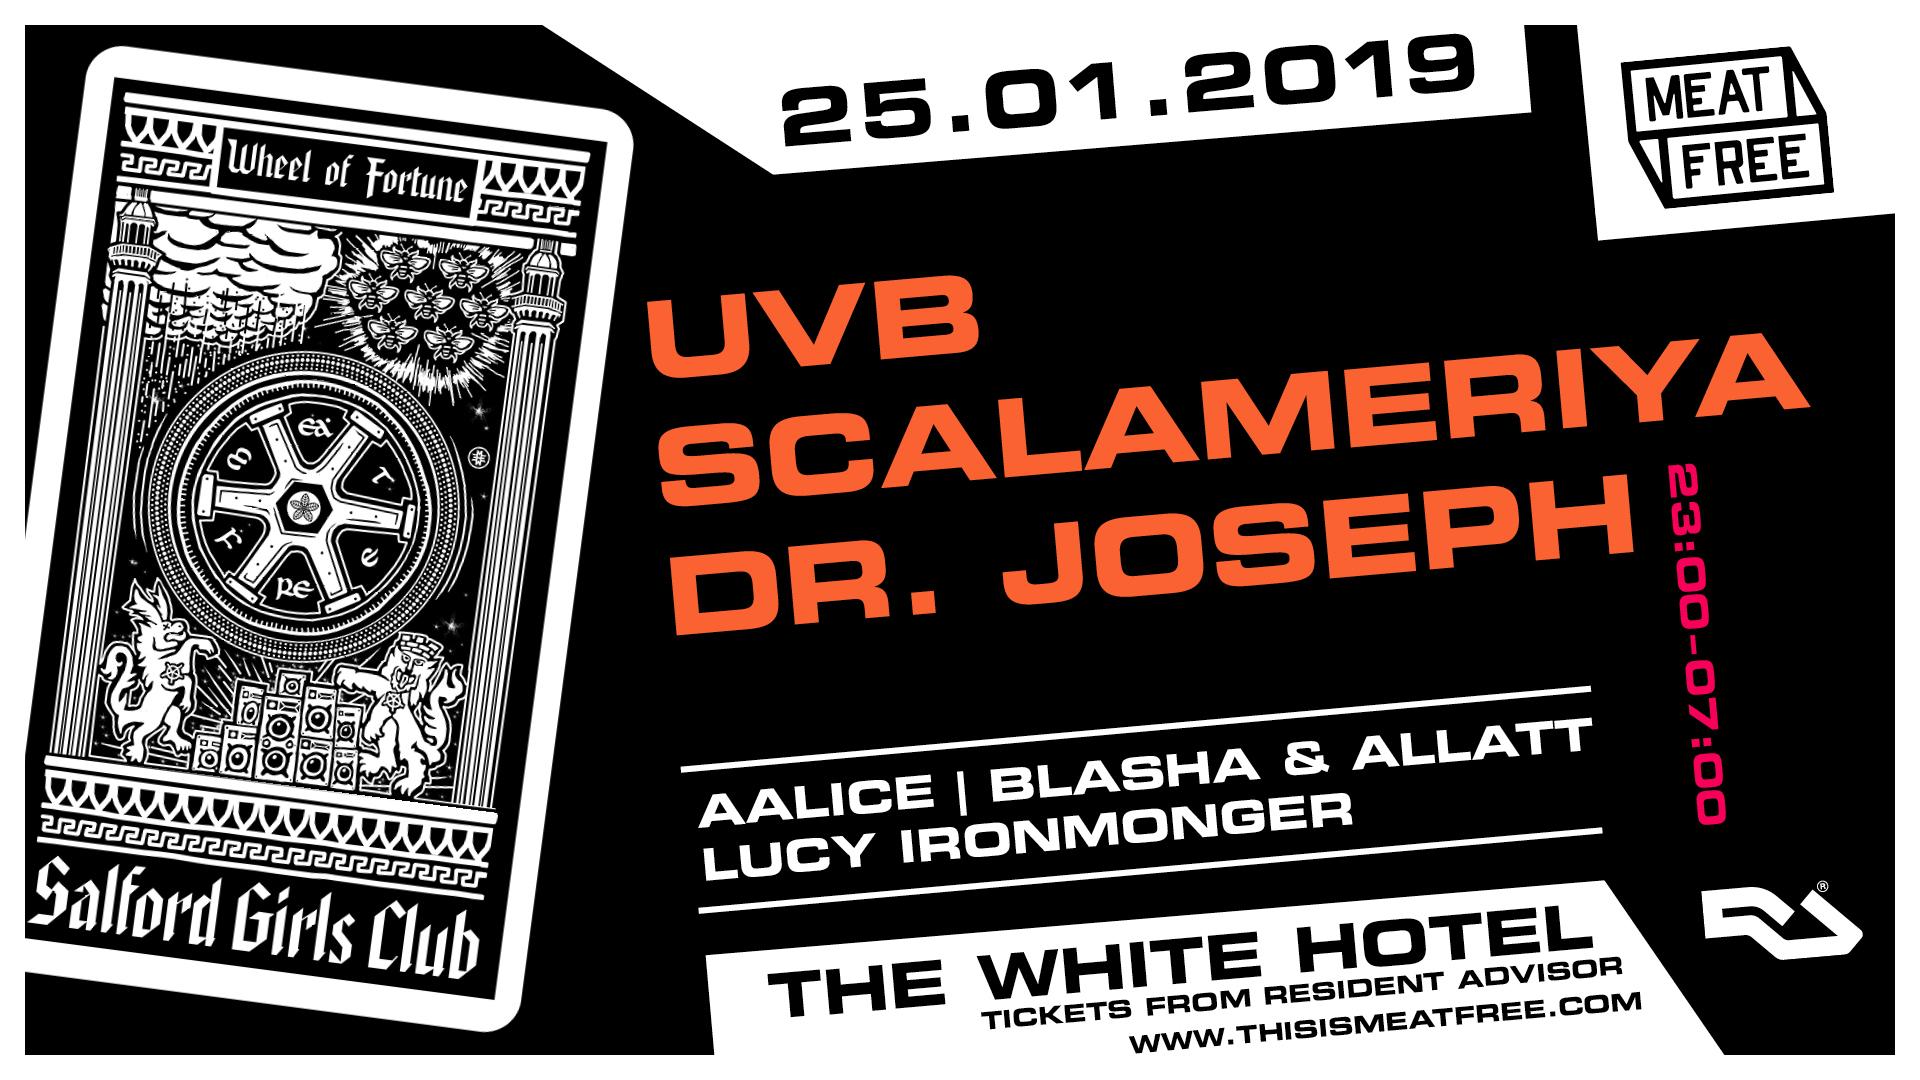 25.01.19: UVB, Scalameriya & Dr Joseph